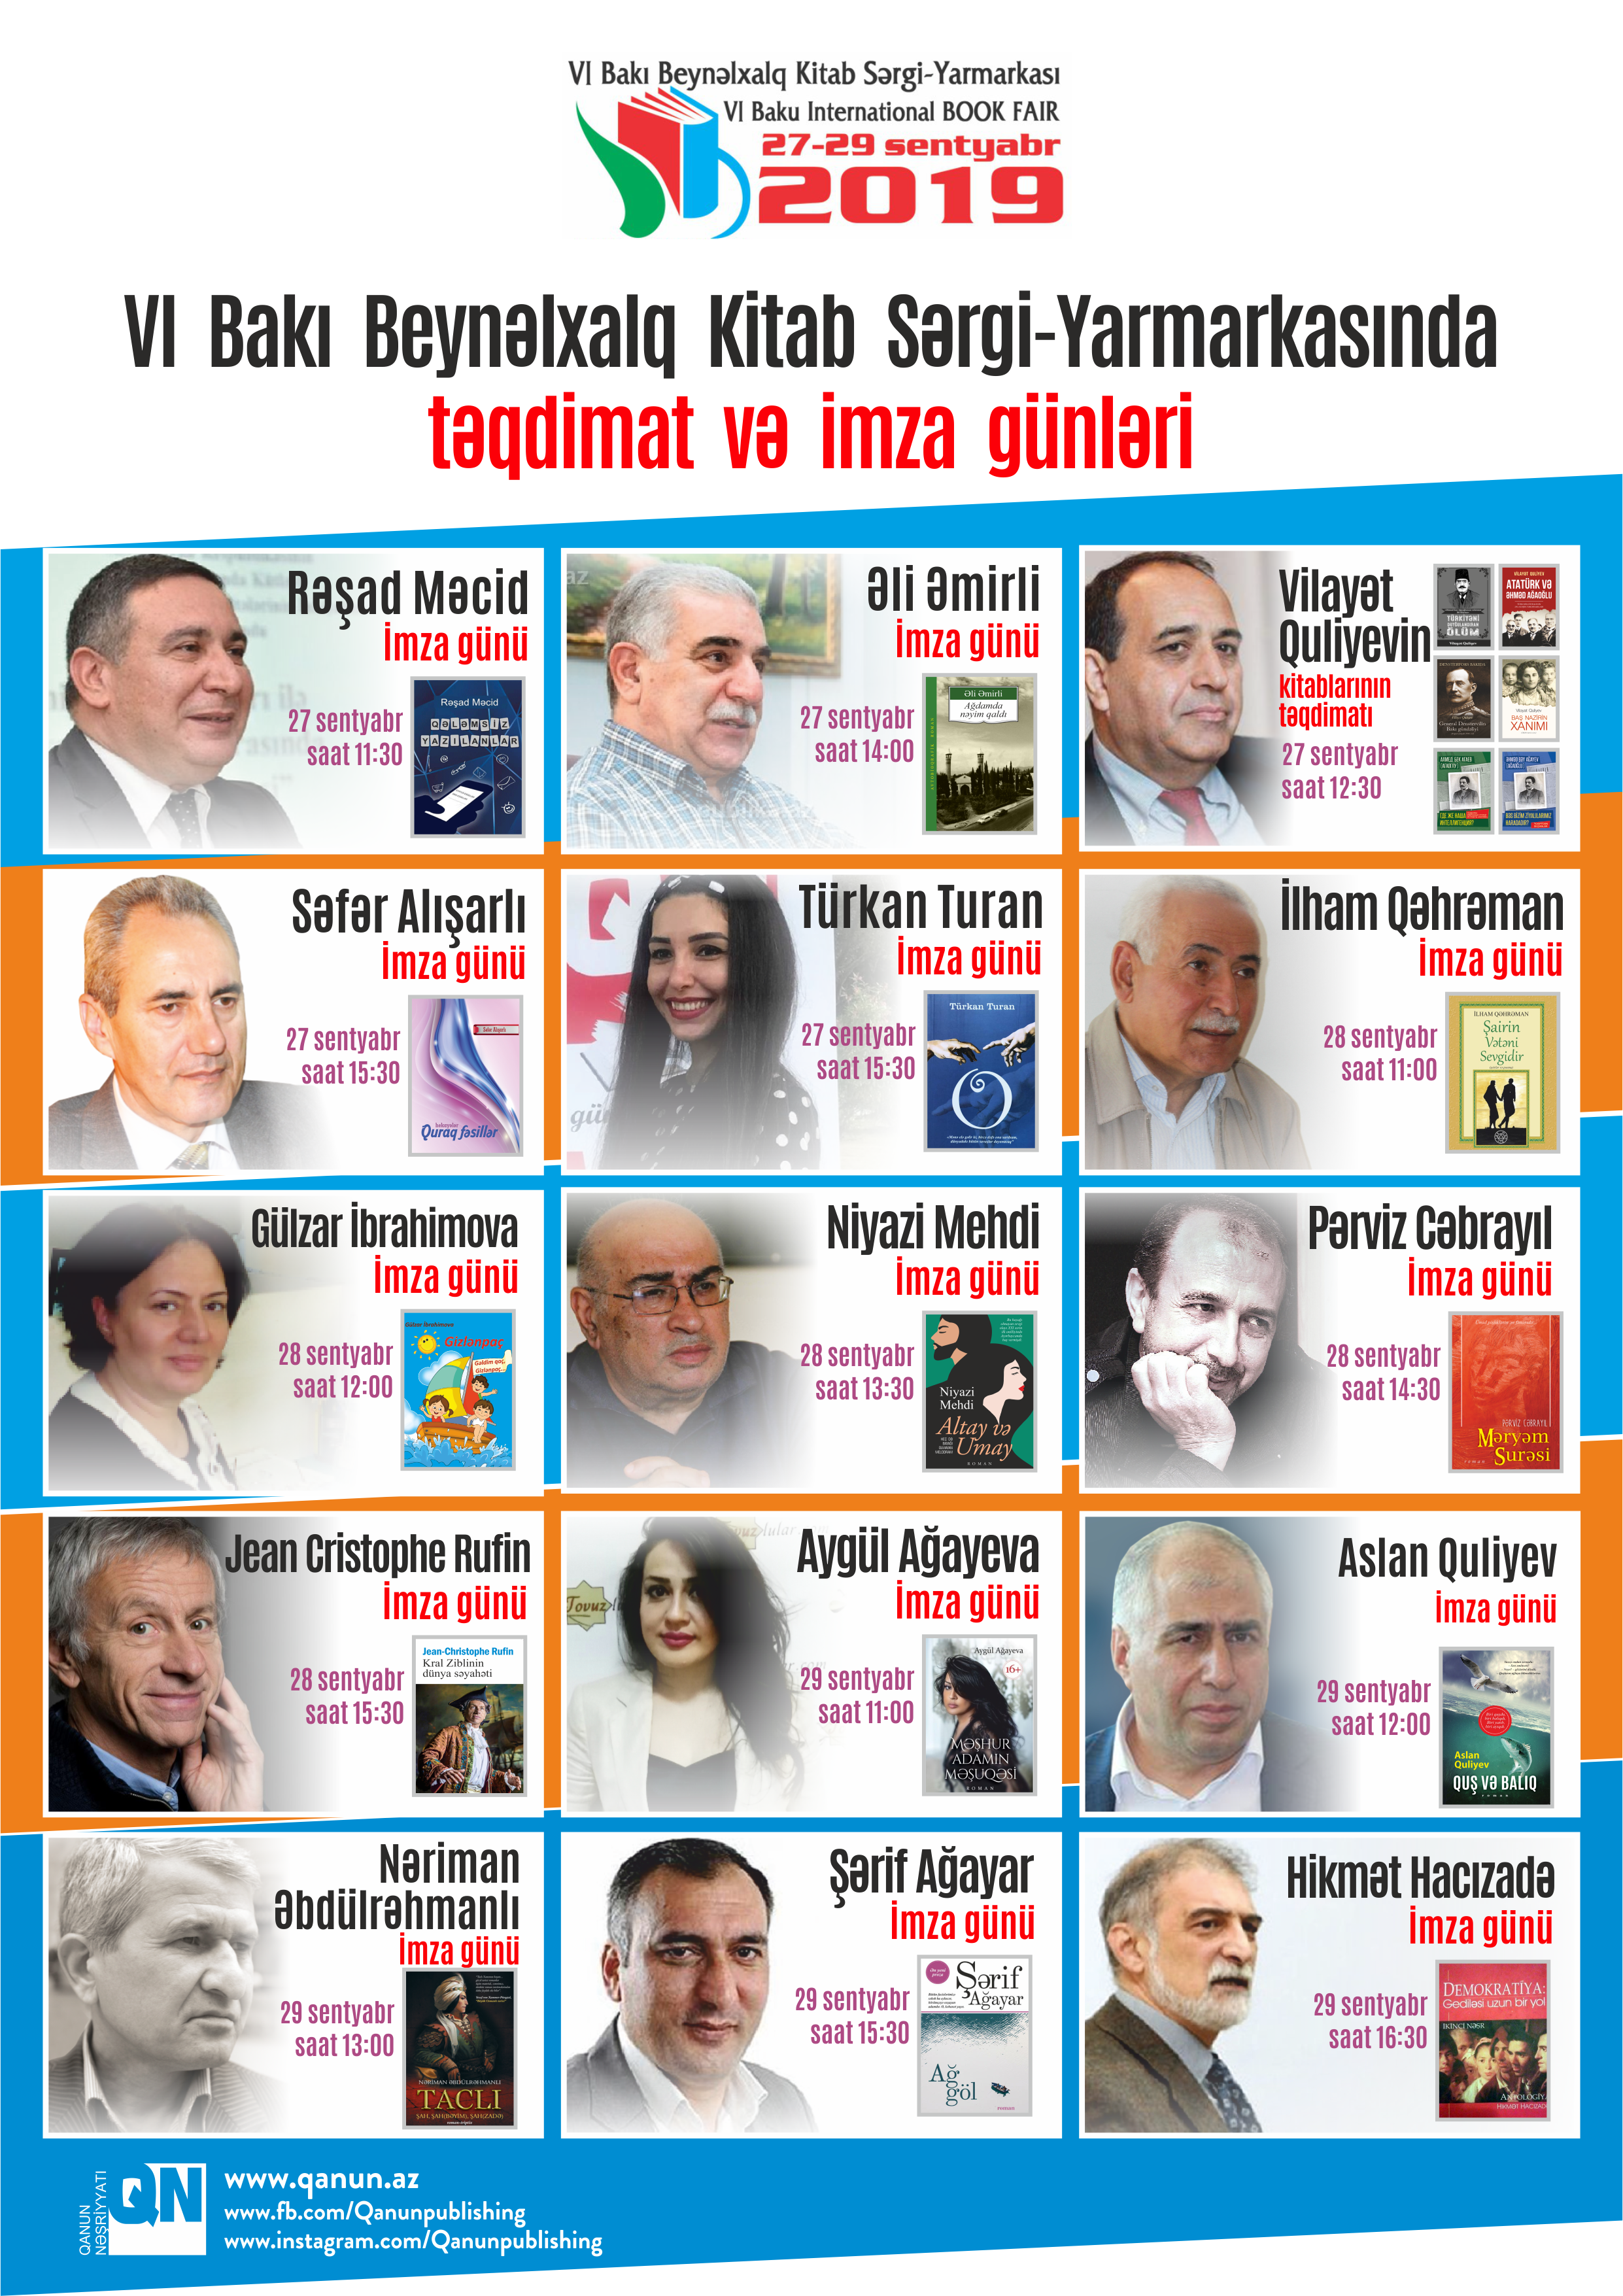 VI Bakı Beynəlxalq Kitab Sərgi-Yarmarkasında  kitabların təqdimat mərasimləri keçiriləcək